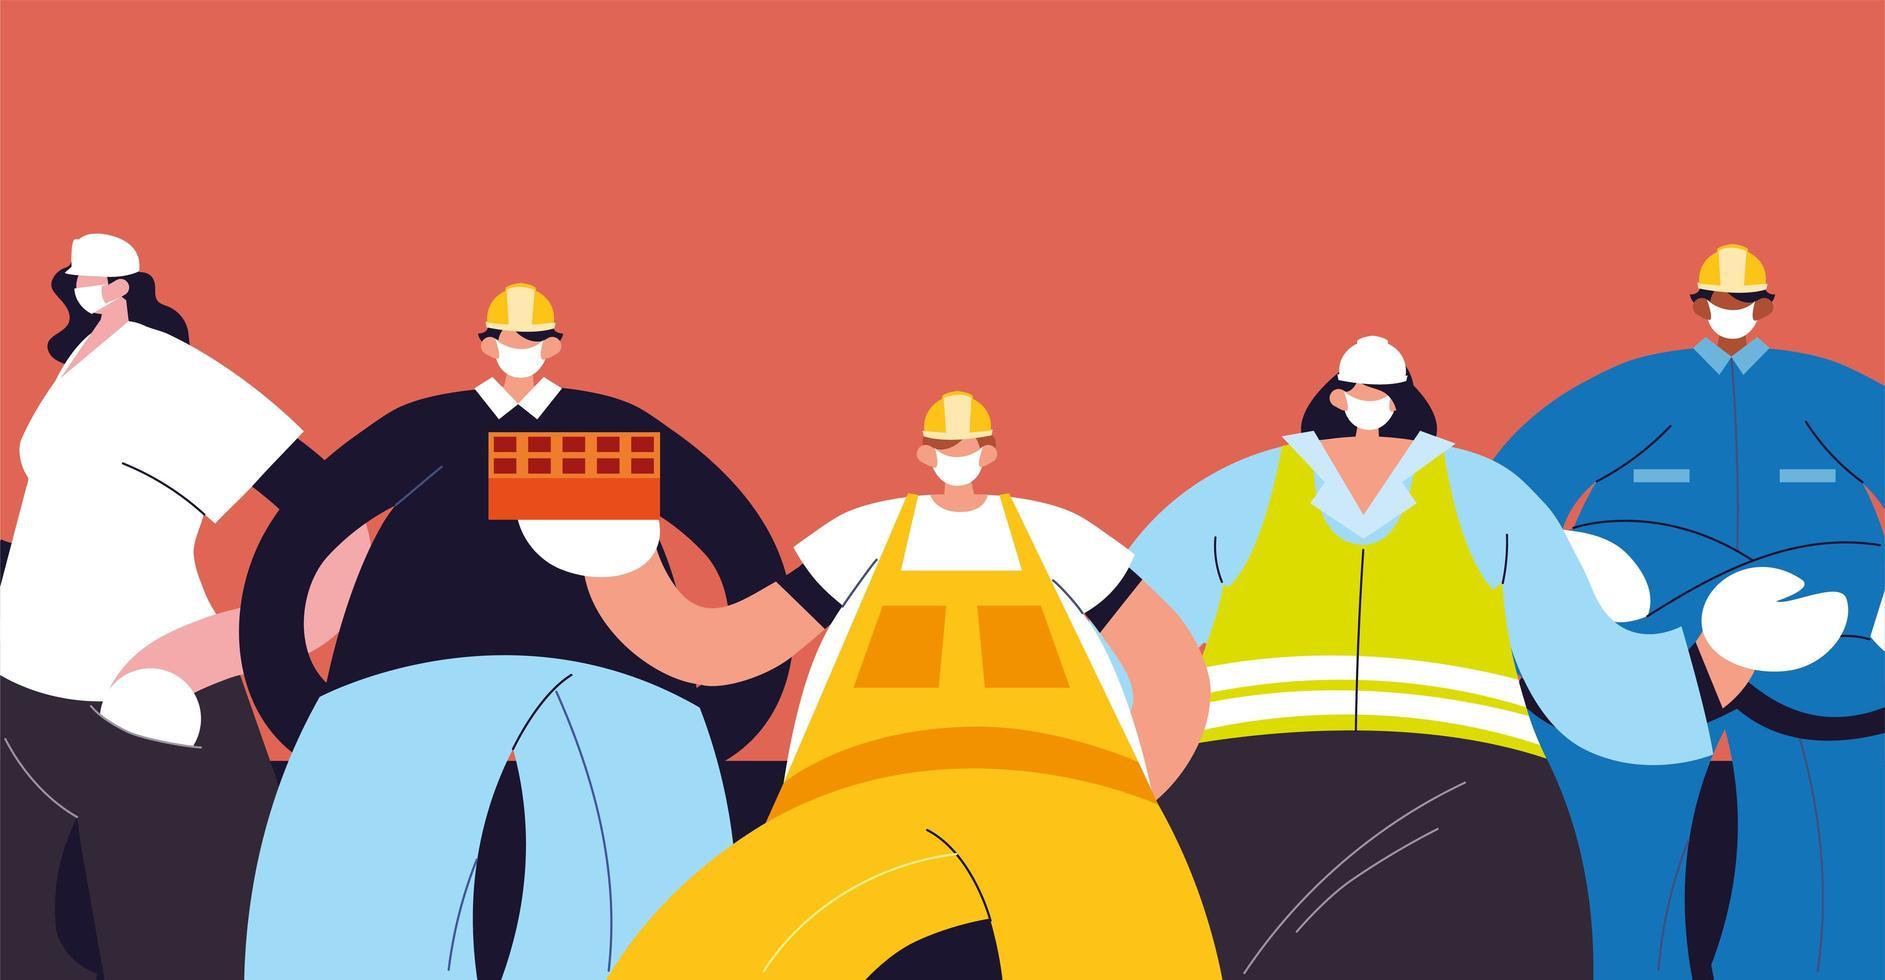 gruppo di tecnici e ingegneri con maschera facciale vettore